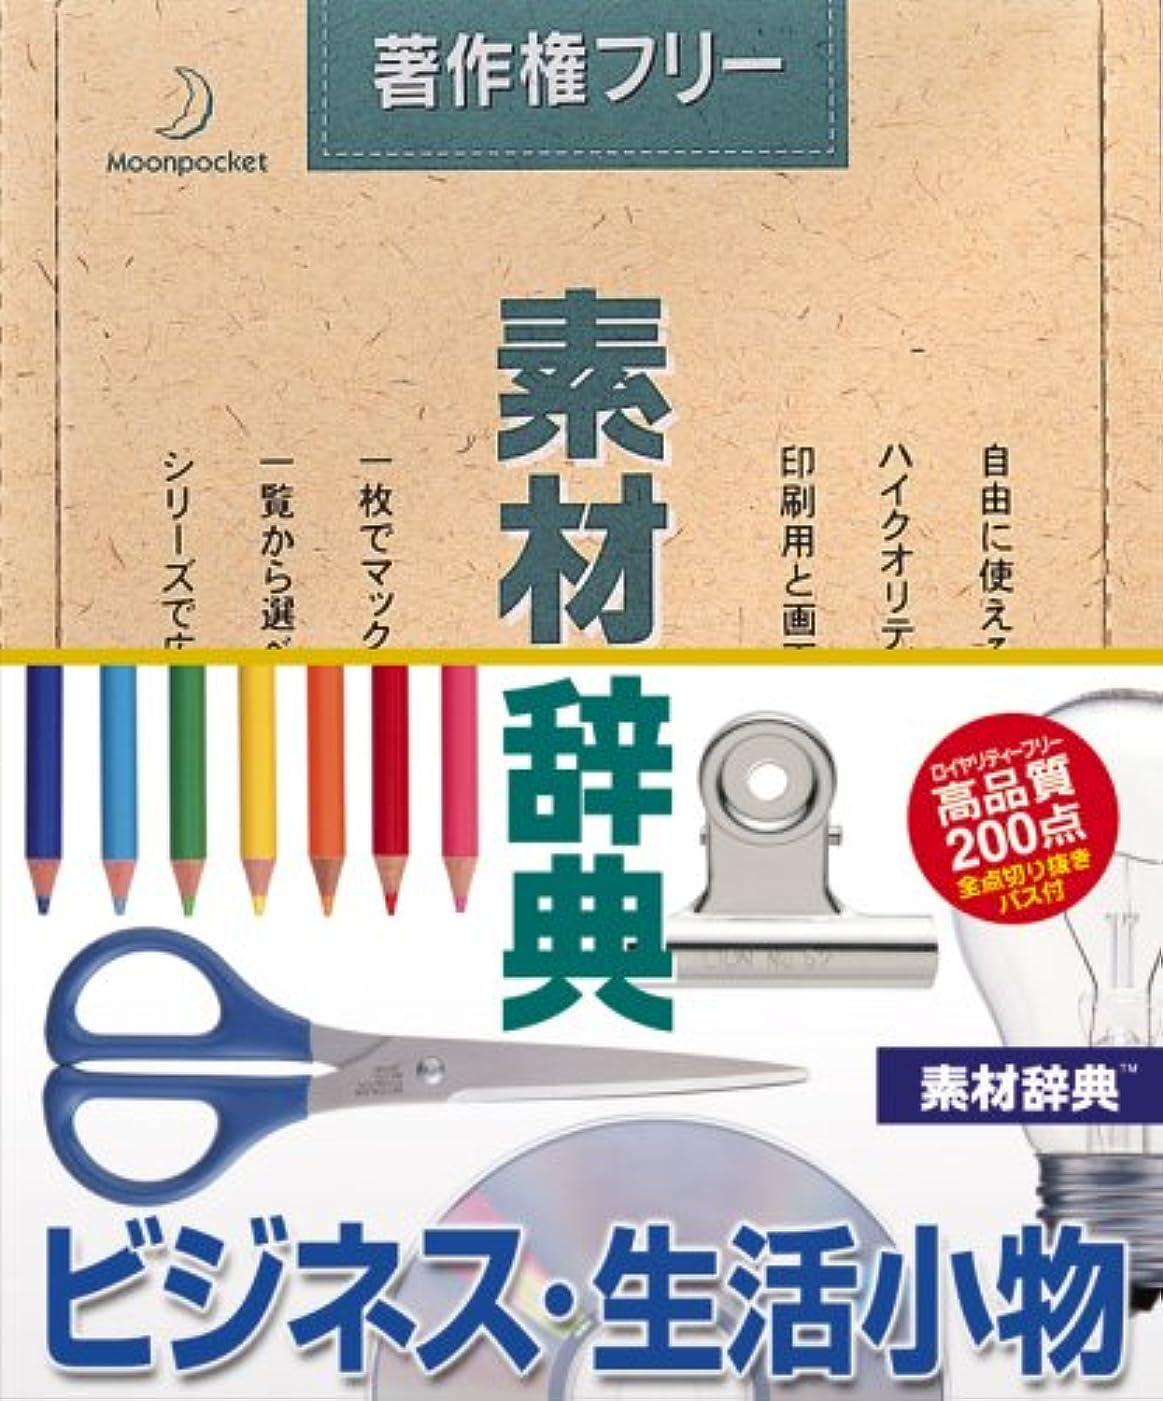 タワー裁判所無し素材辞典 Vol.29 ビジネス?生活小物編